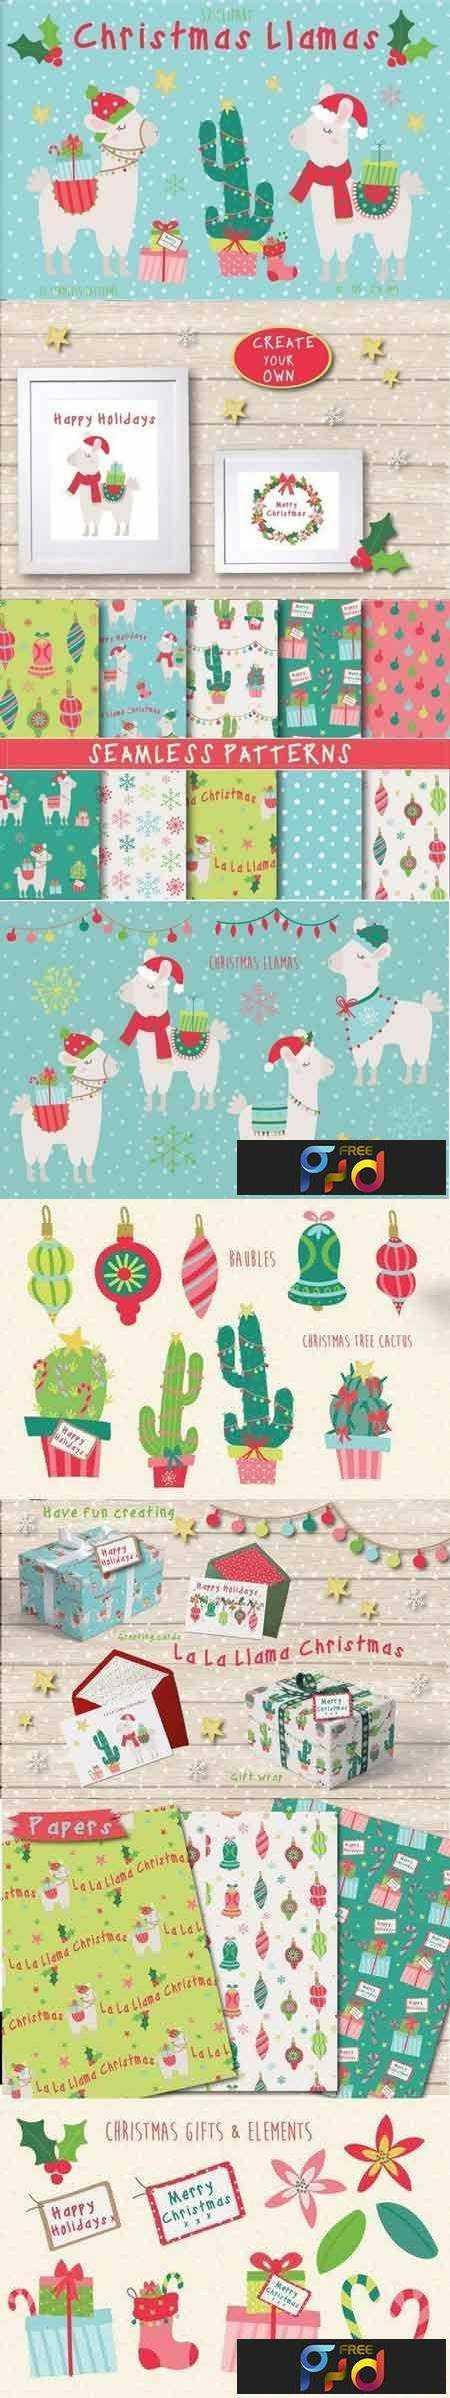 1708244 Christmas Llamas 1980157 1